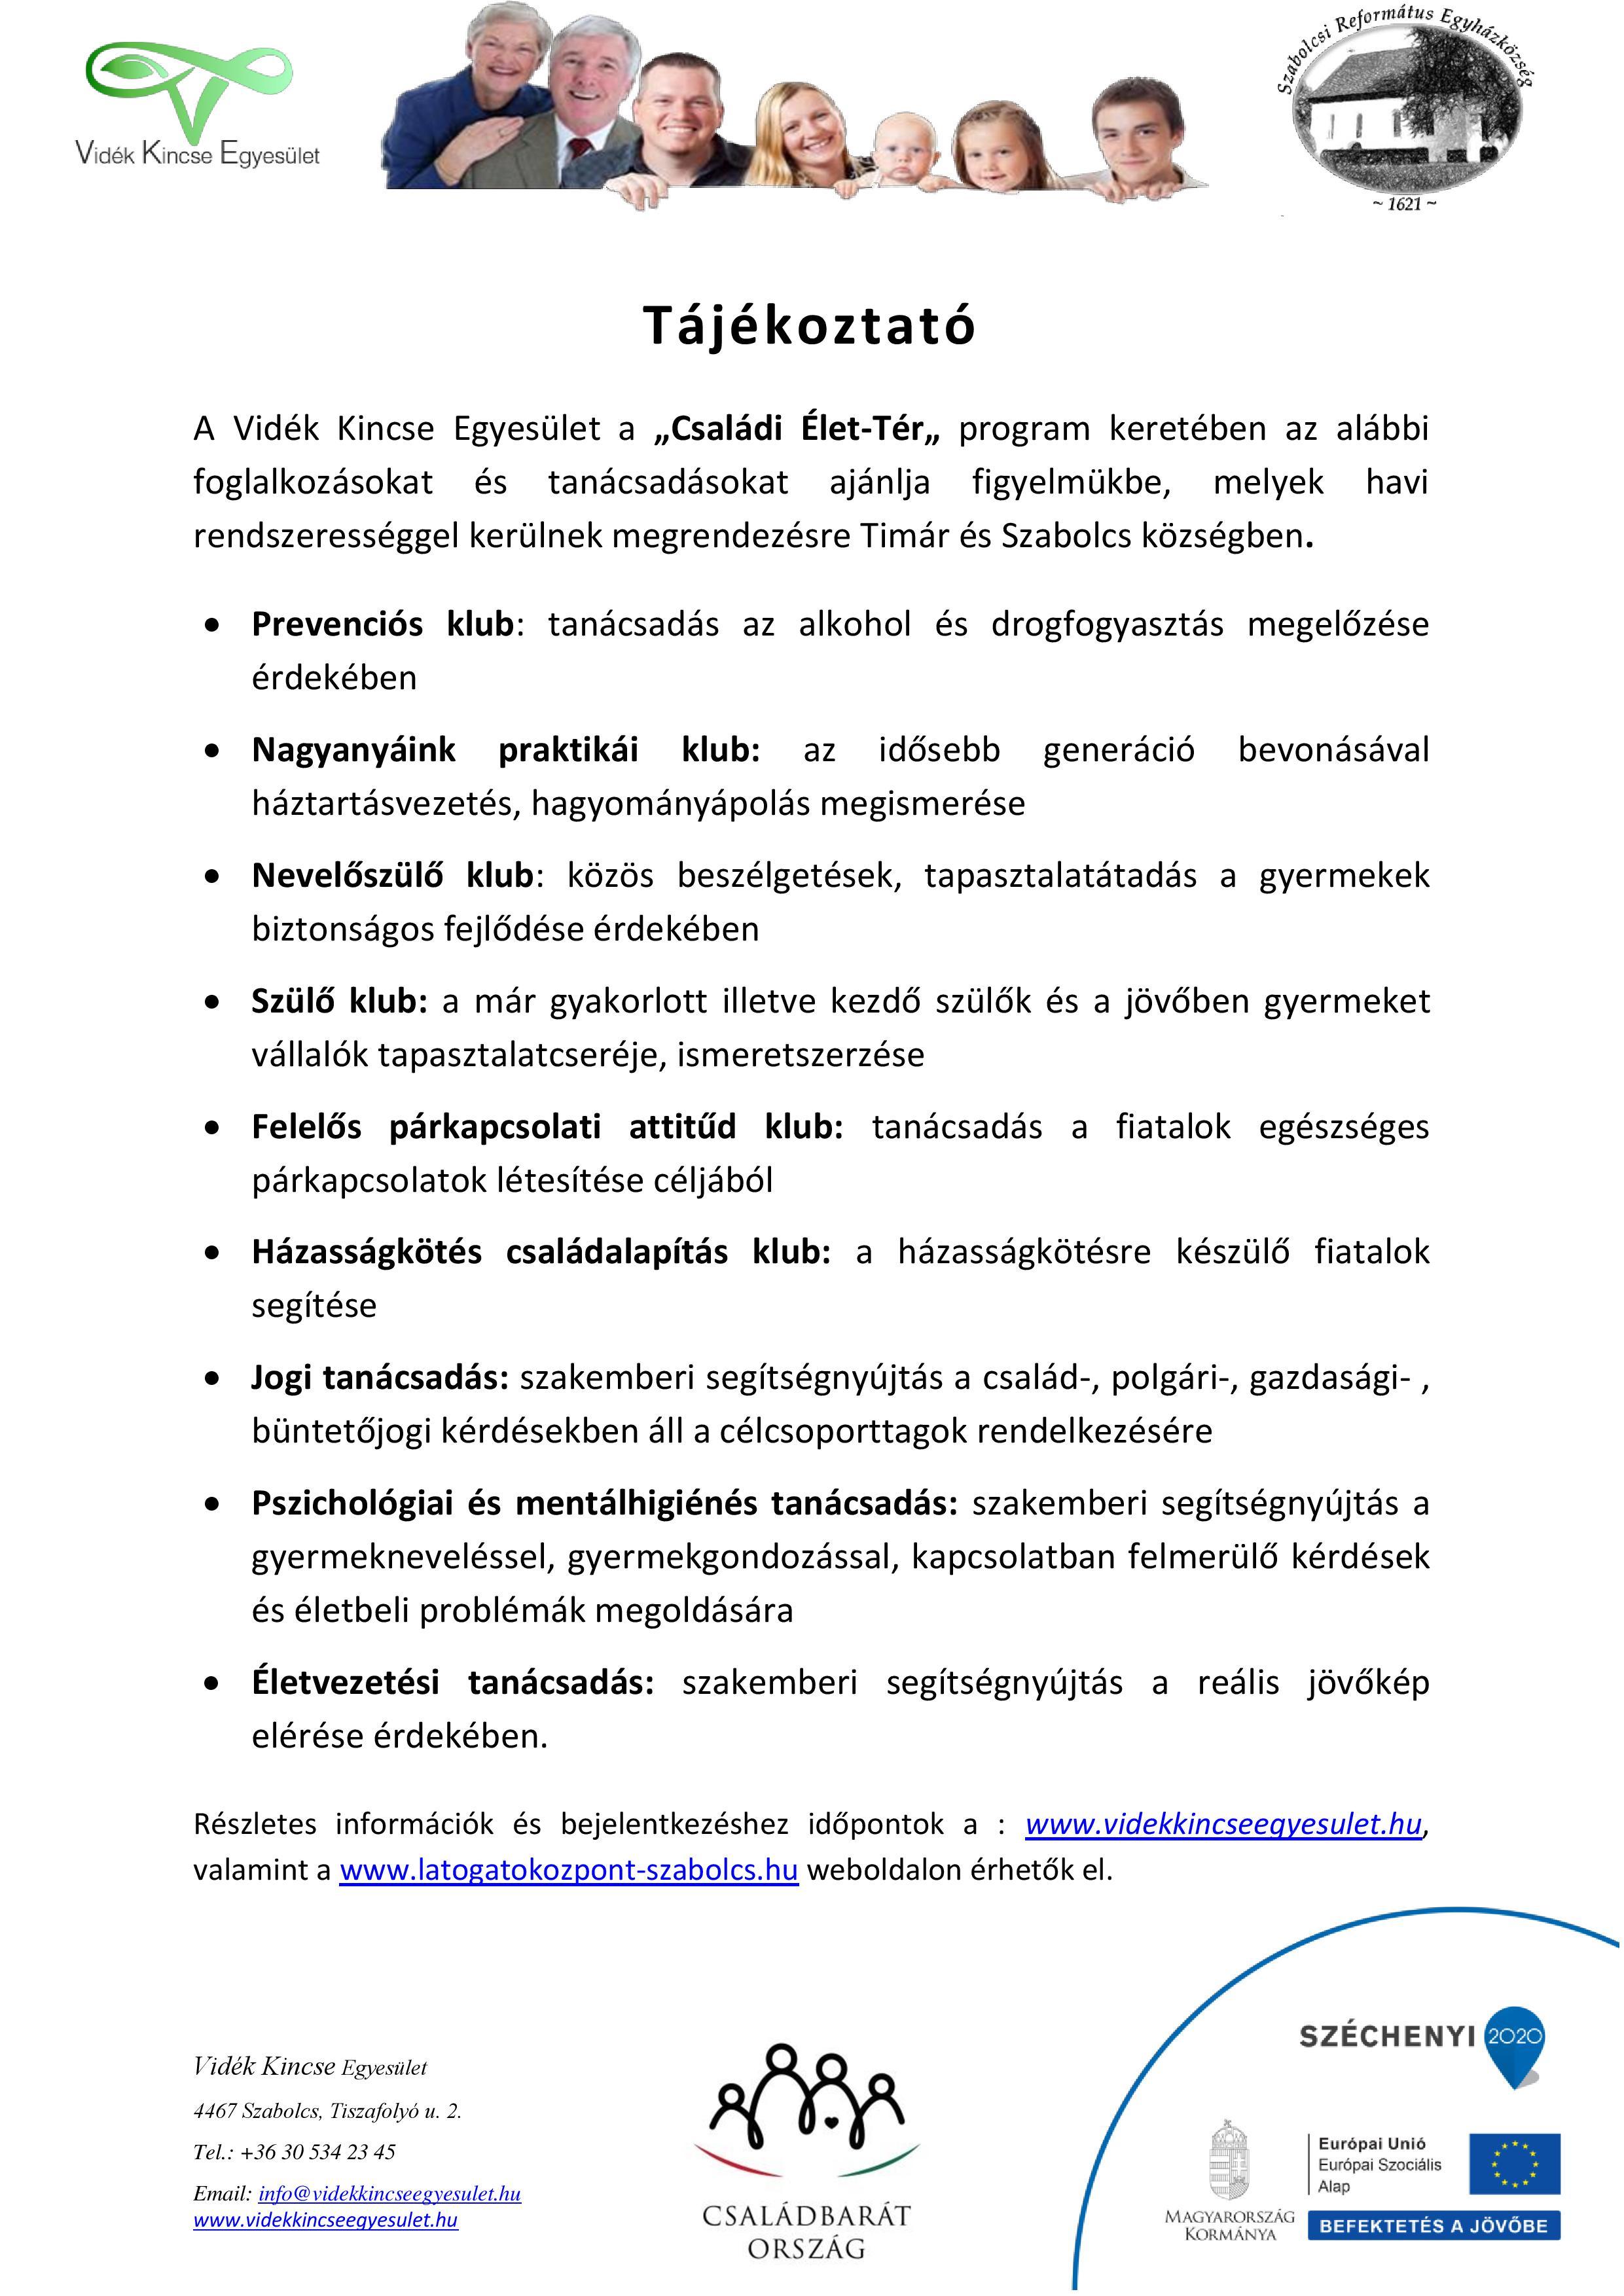 Tájékoztató-page-001